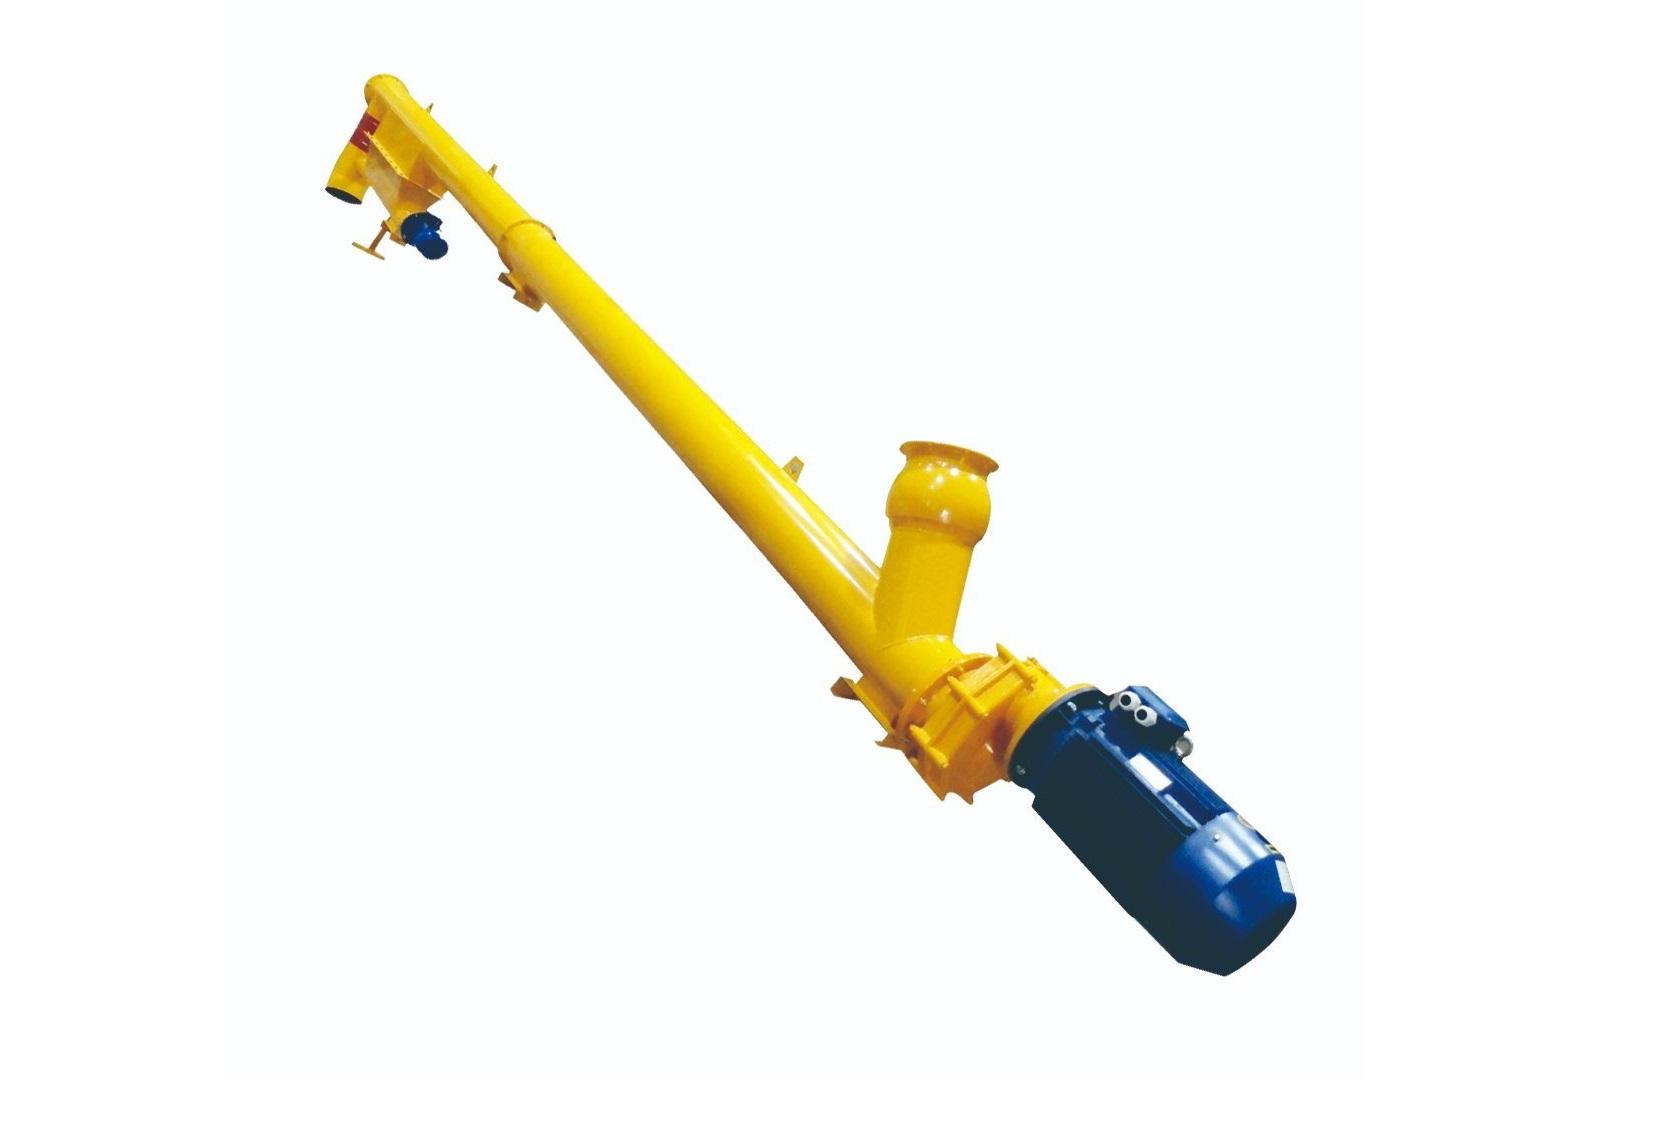 projeto mecanico completo rosca transportadora fabricadoprojeto